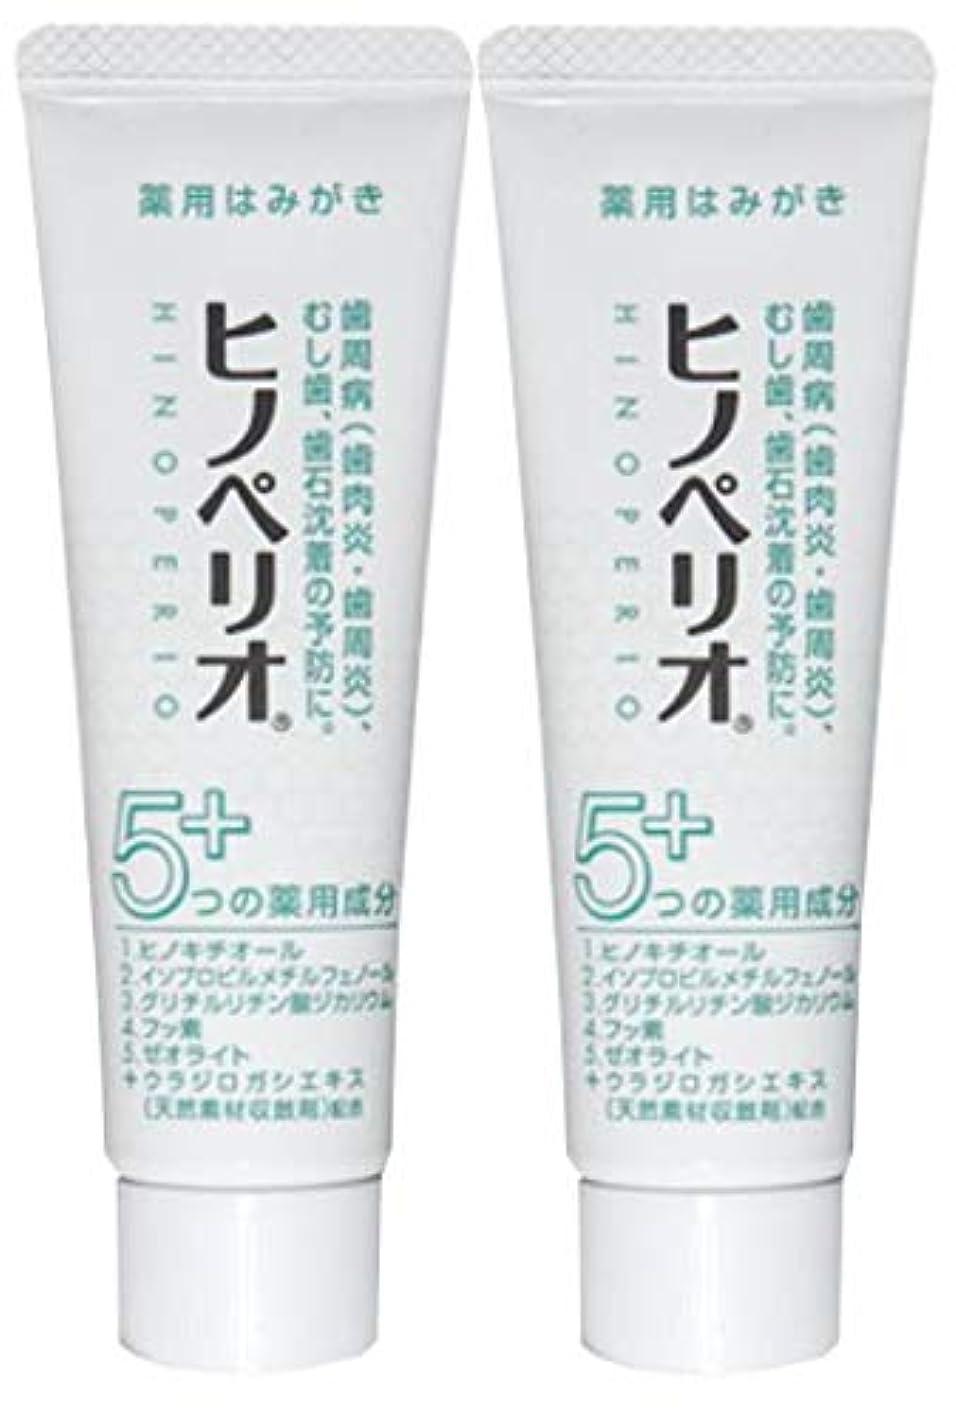 書く不健康り昭和薬品 ヒノペリオ60g 医薬部外品 × 2本